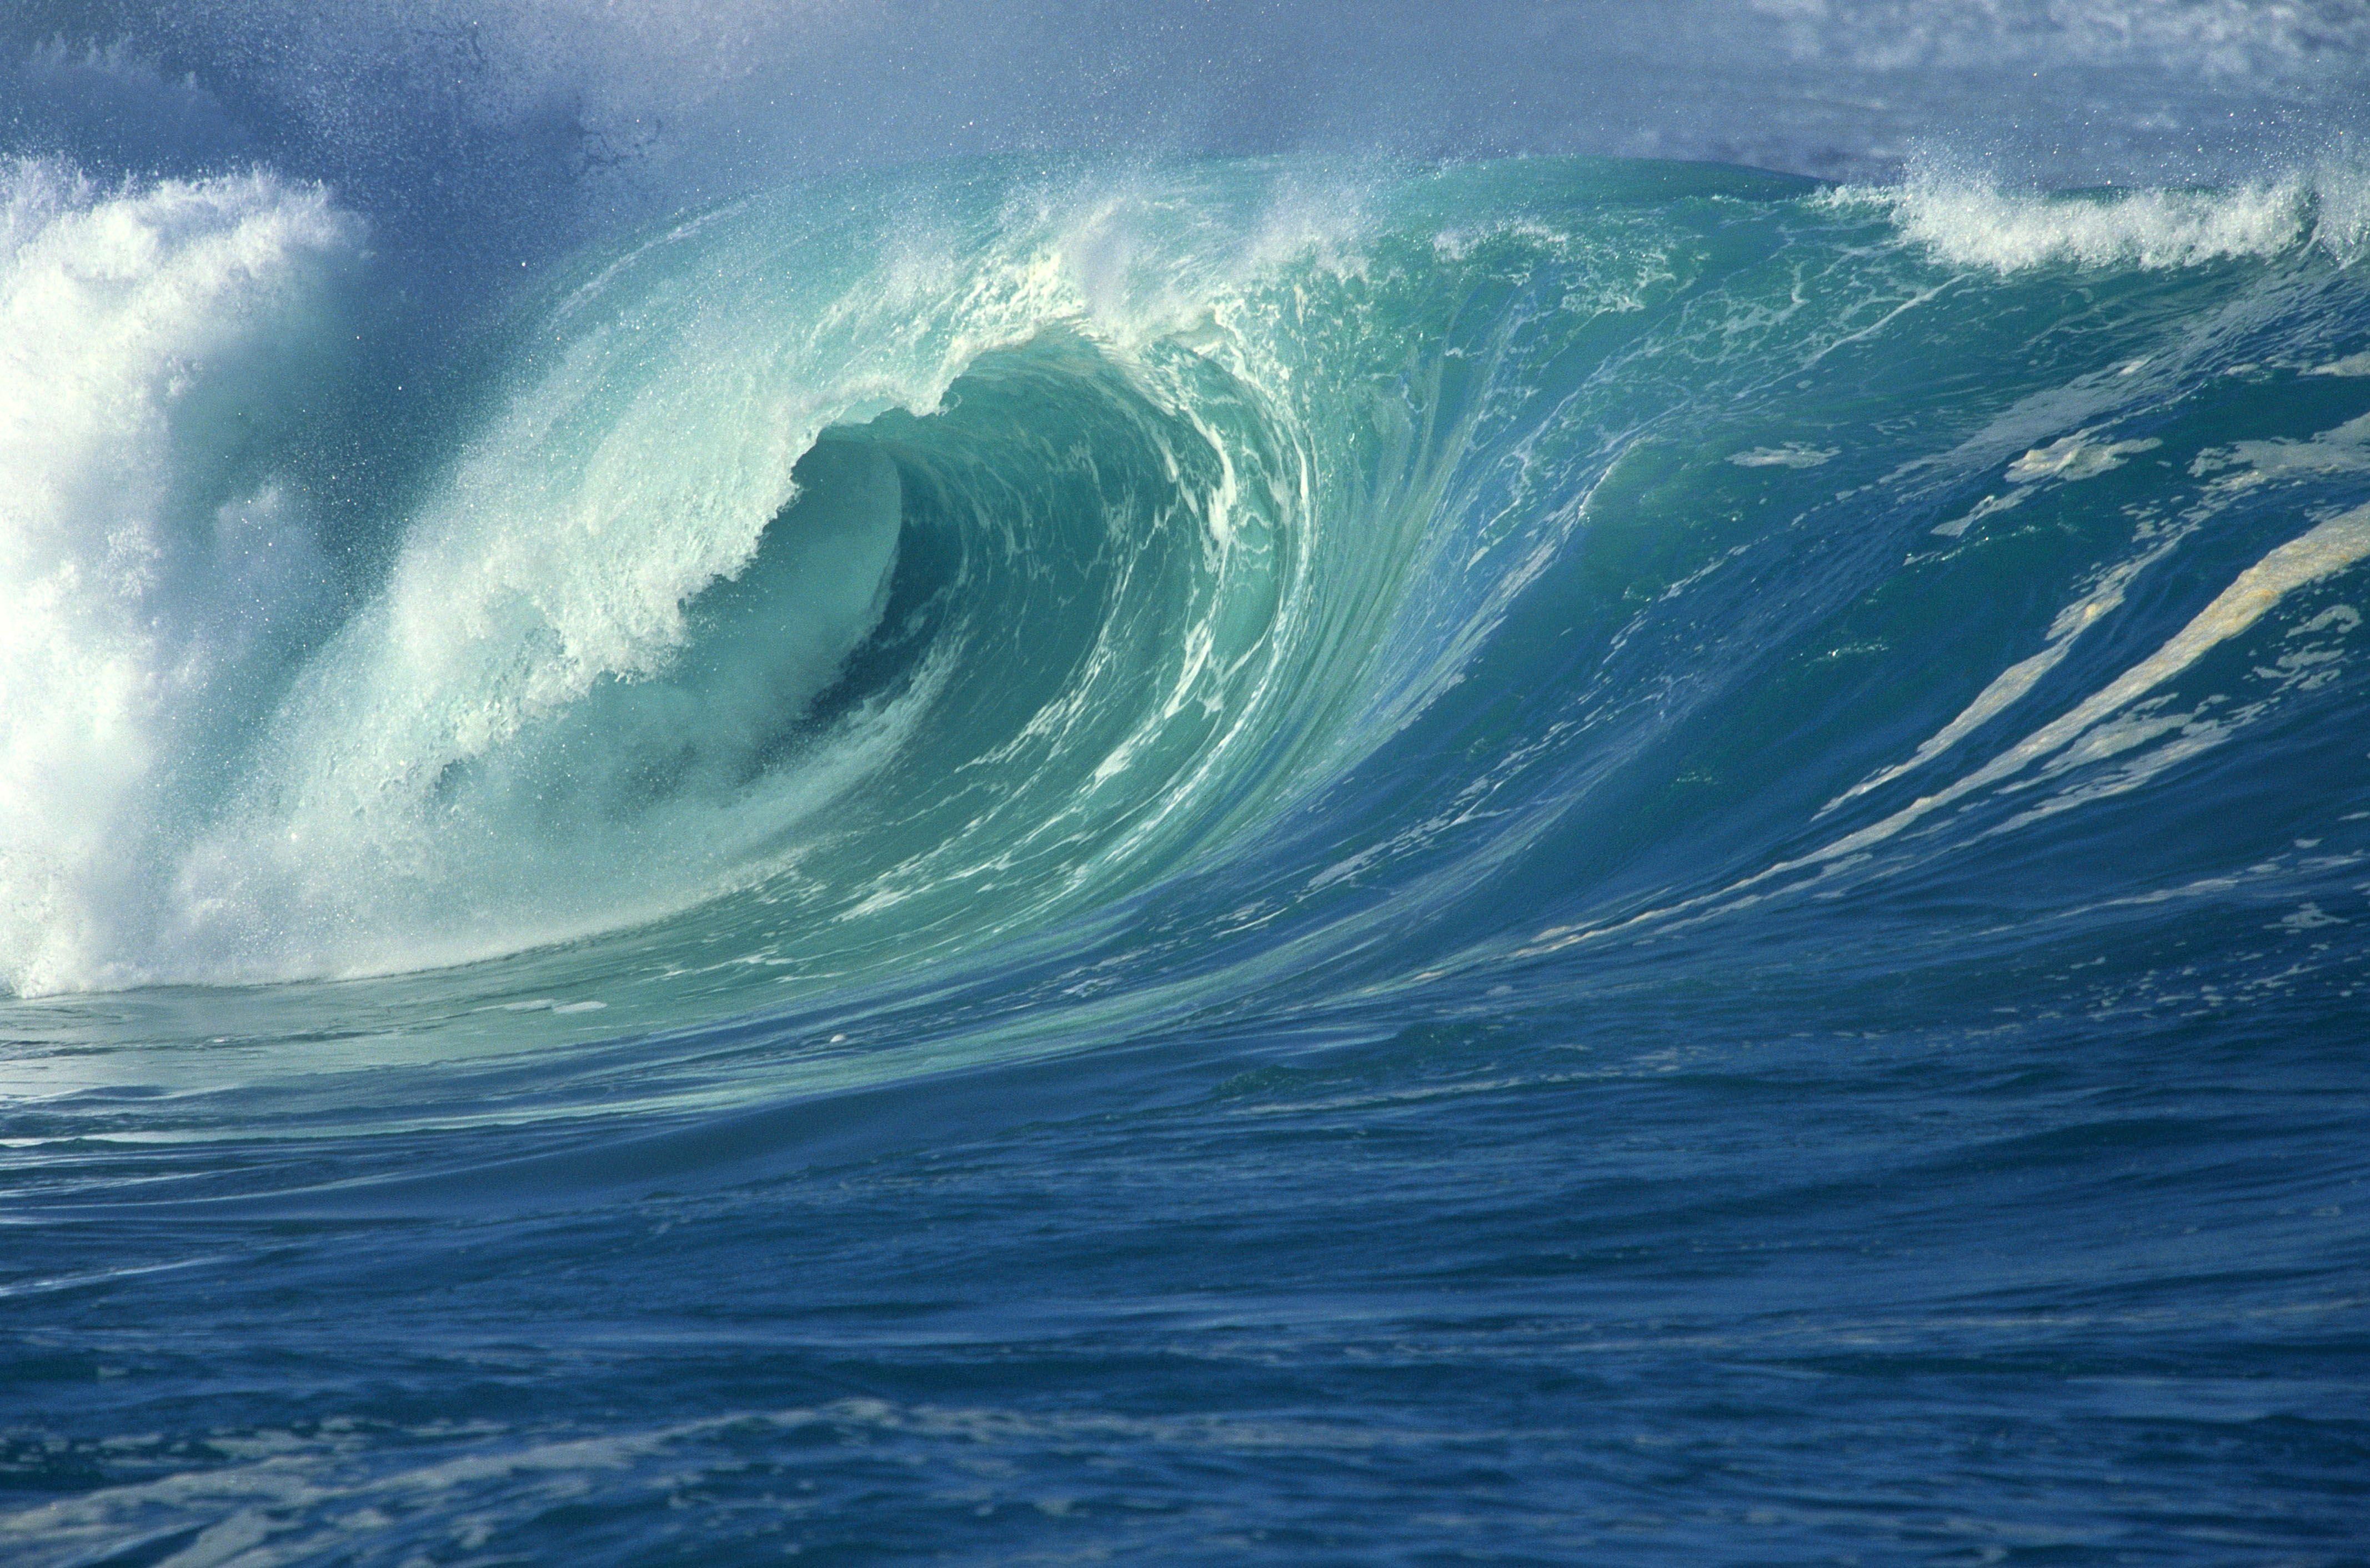 Scaricare gli sfondi mare oceano onde schiuma sfondi for Foto per desktop mare